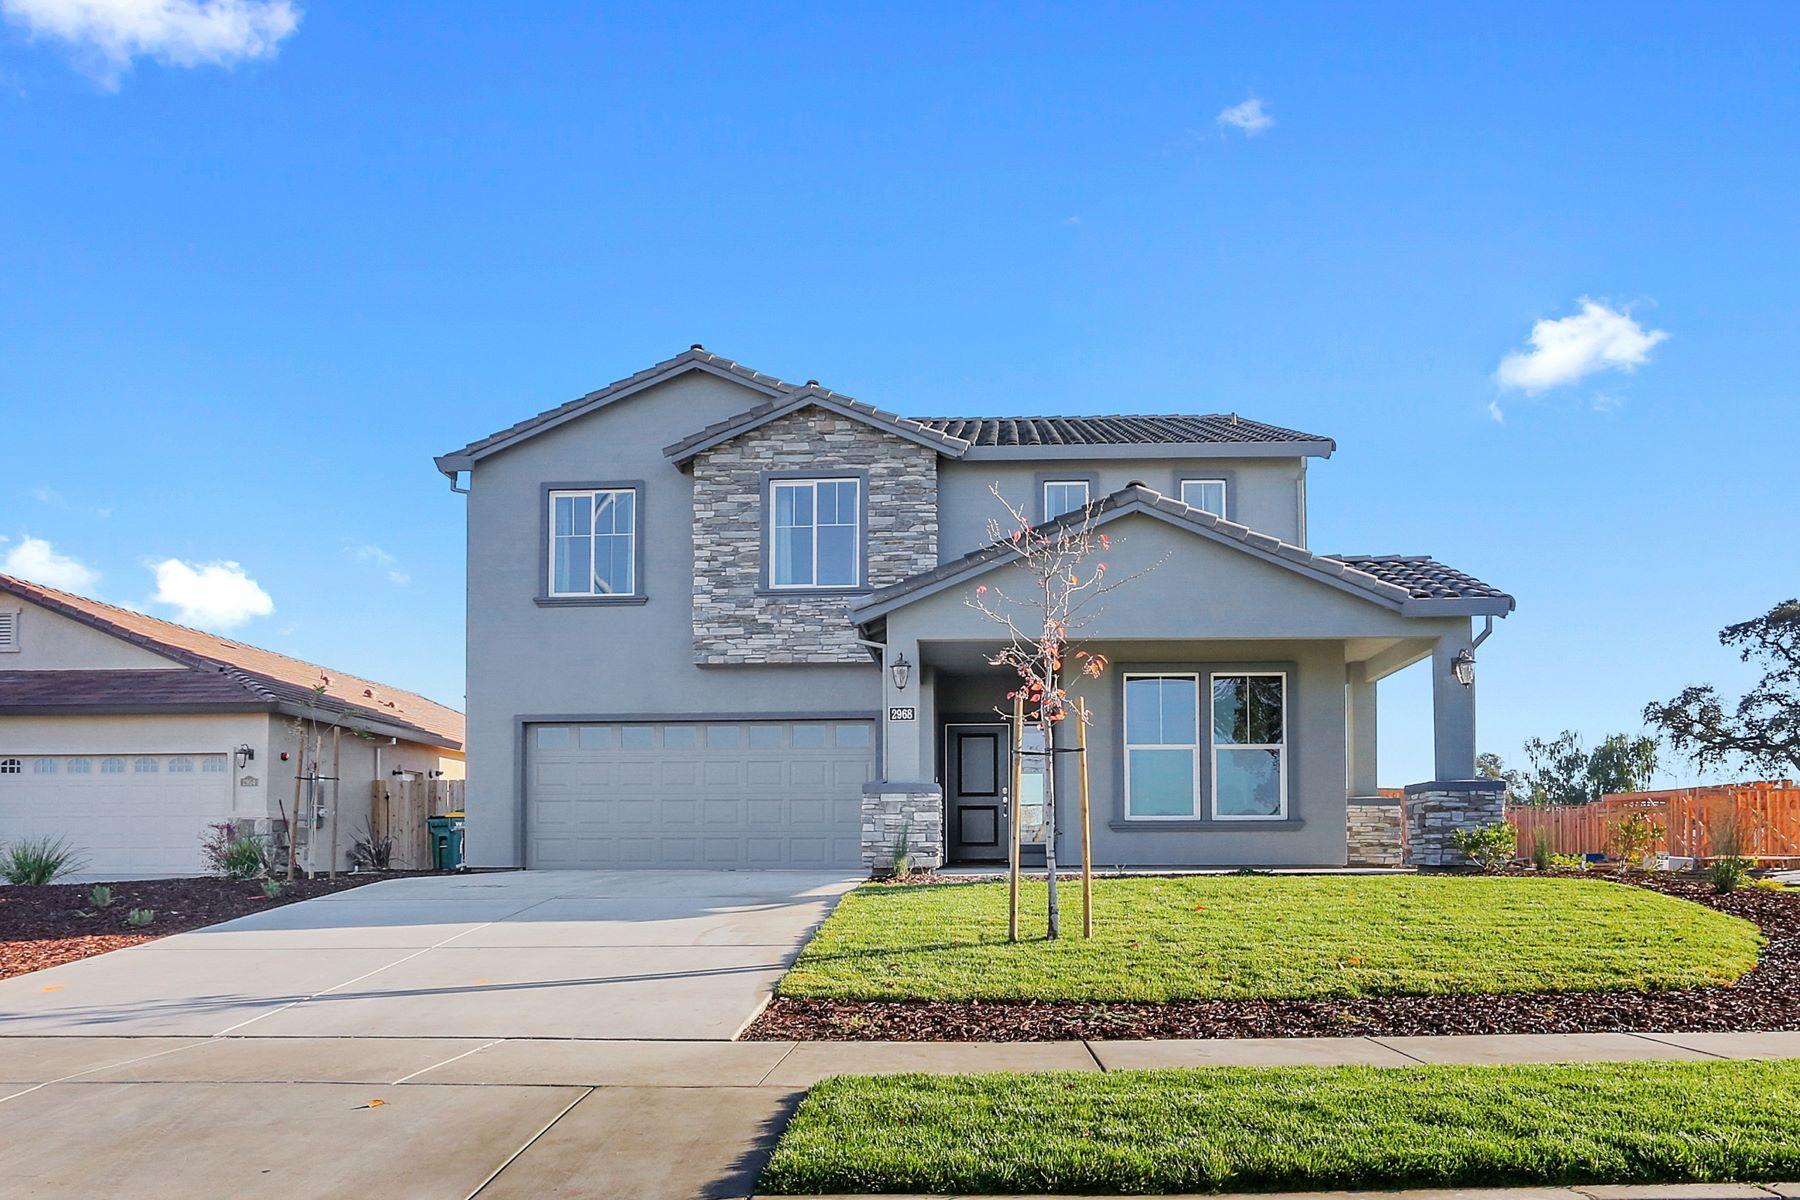 独户住宅 为 销售 在 2985 Old Oak Court, Stockton 斯托克顿市, 加利福尼亚州, 95206 美国